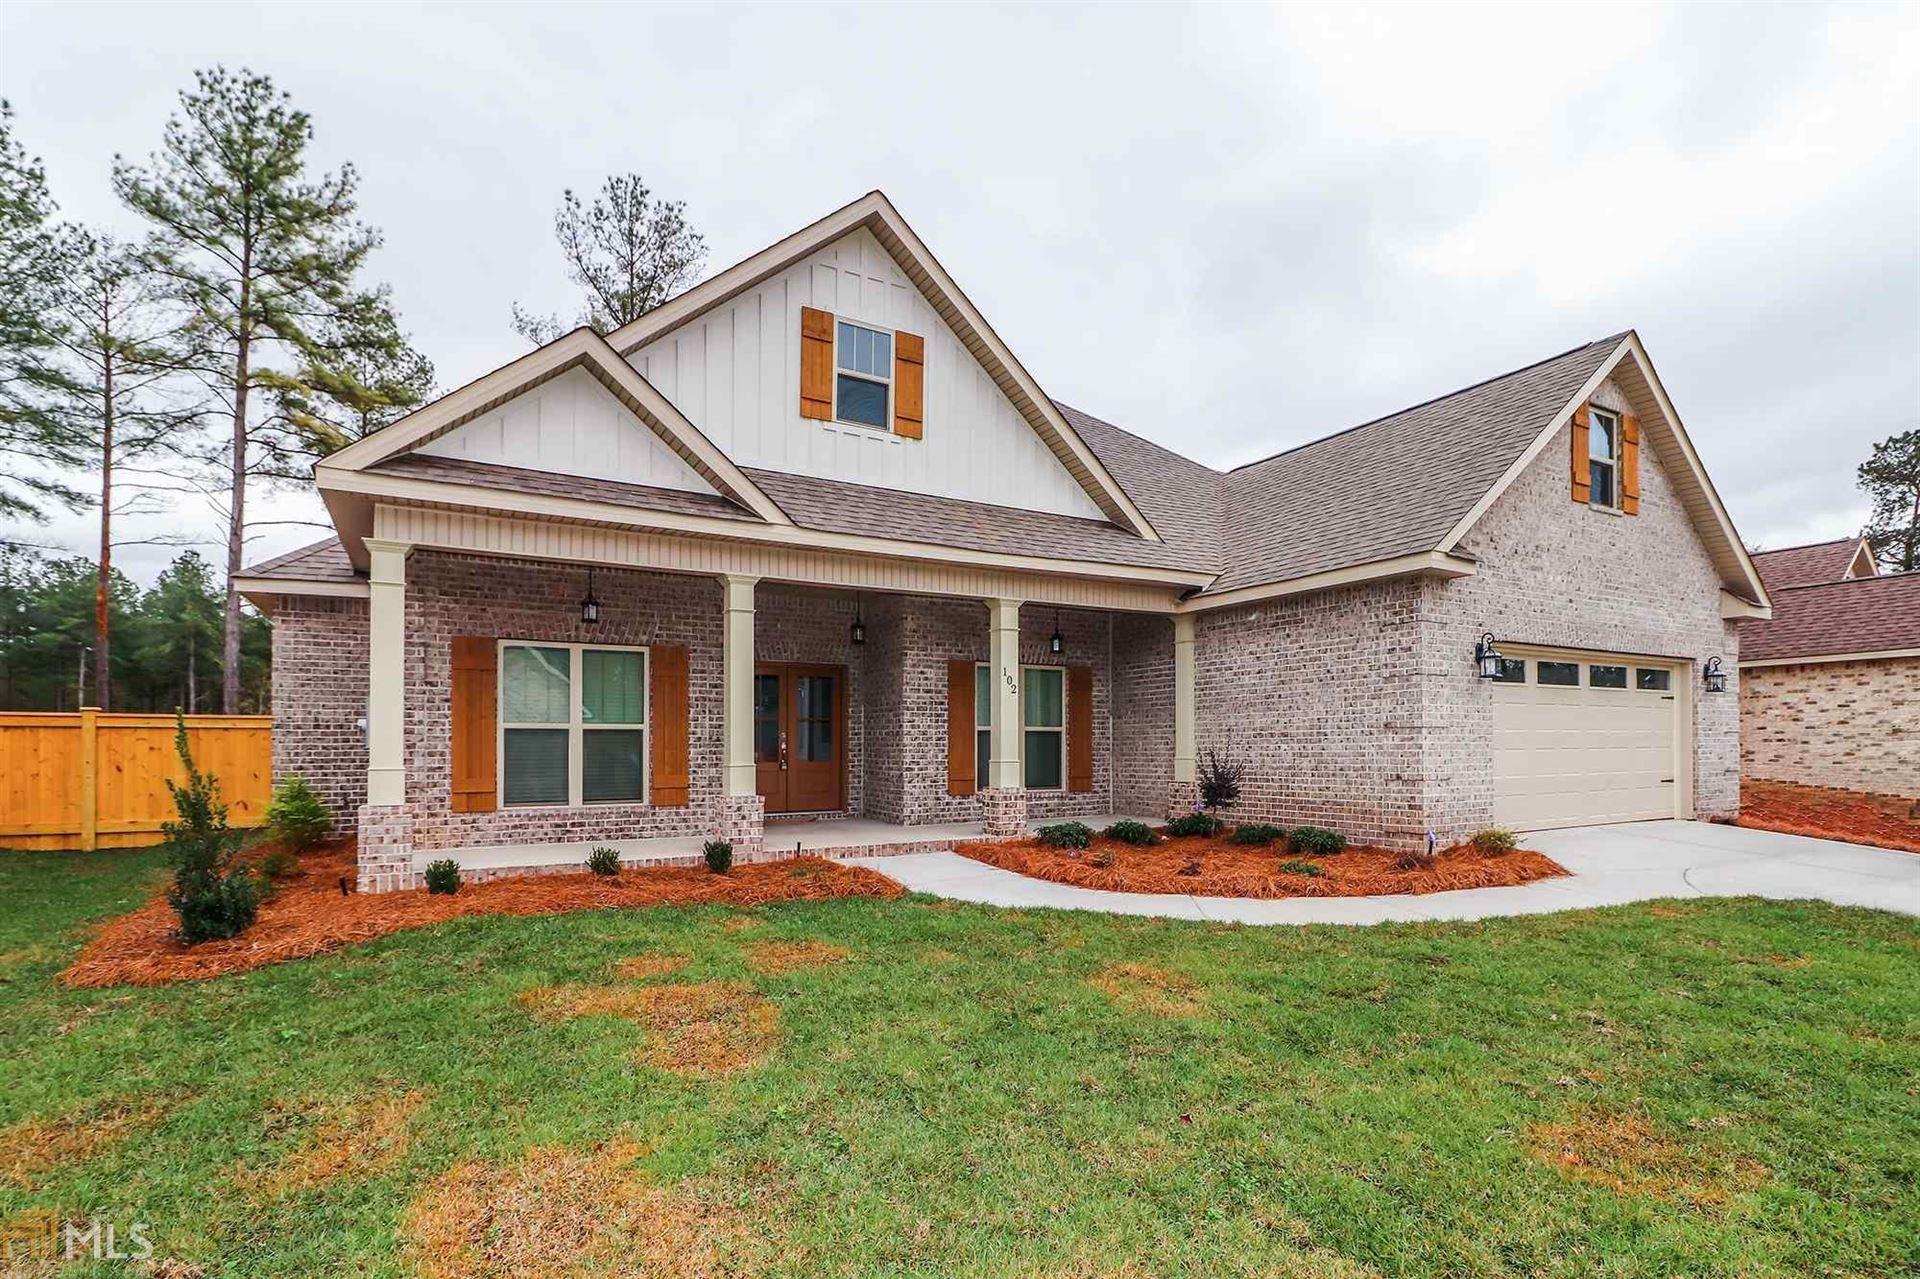 102 Hollow Wood Way, Kathleen, GA 31047 - MLS#: 8812576